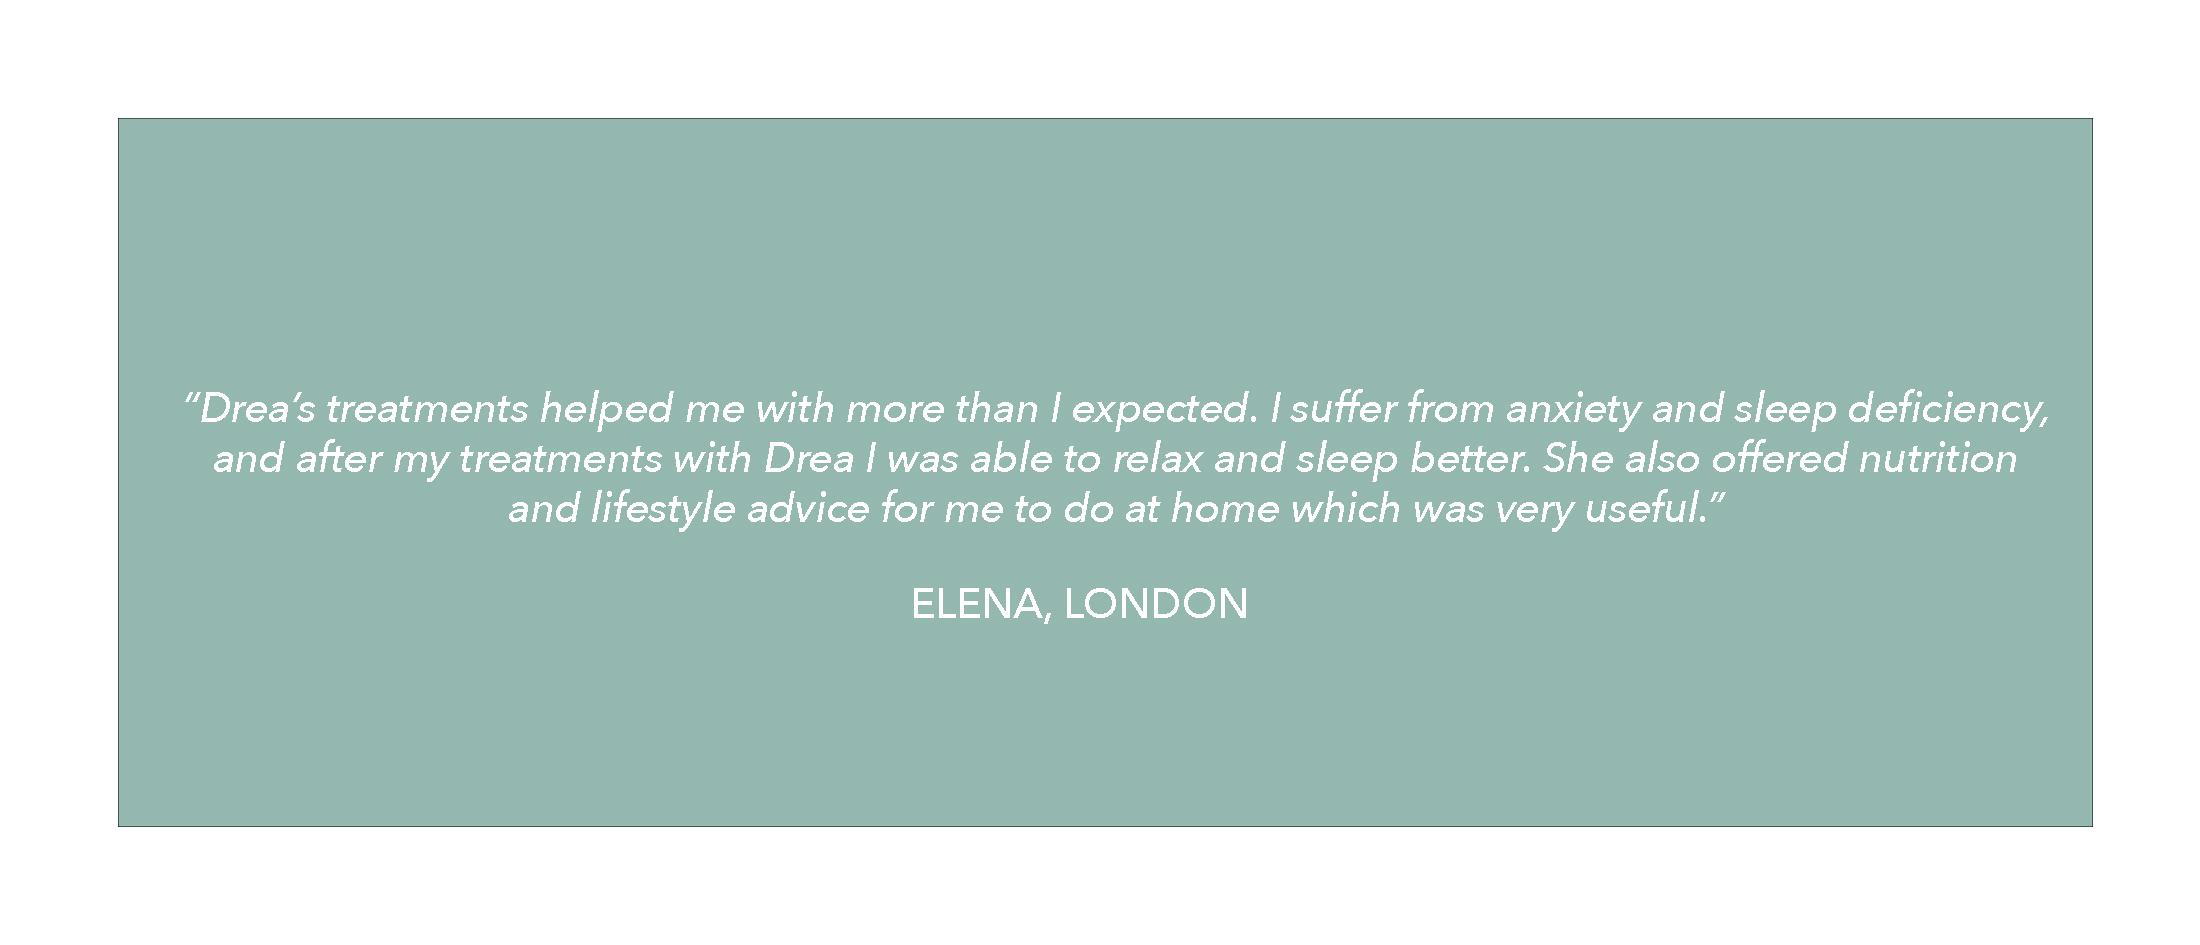 Elena quote.jpg